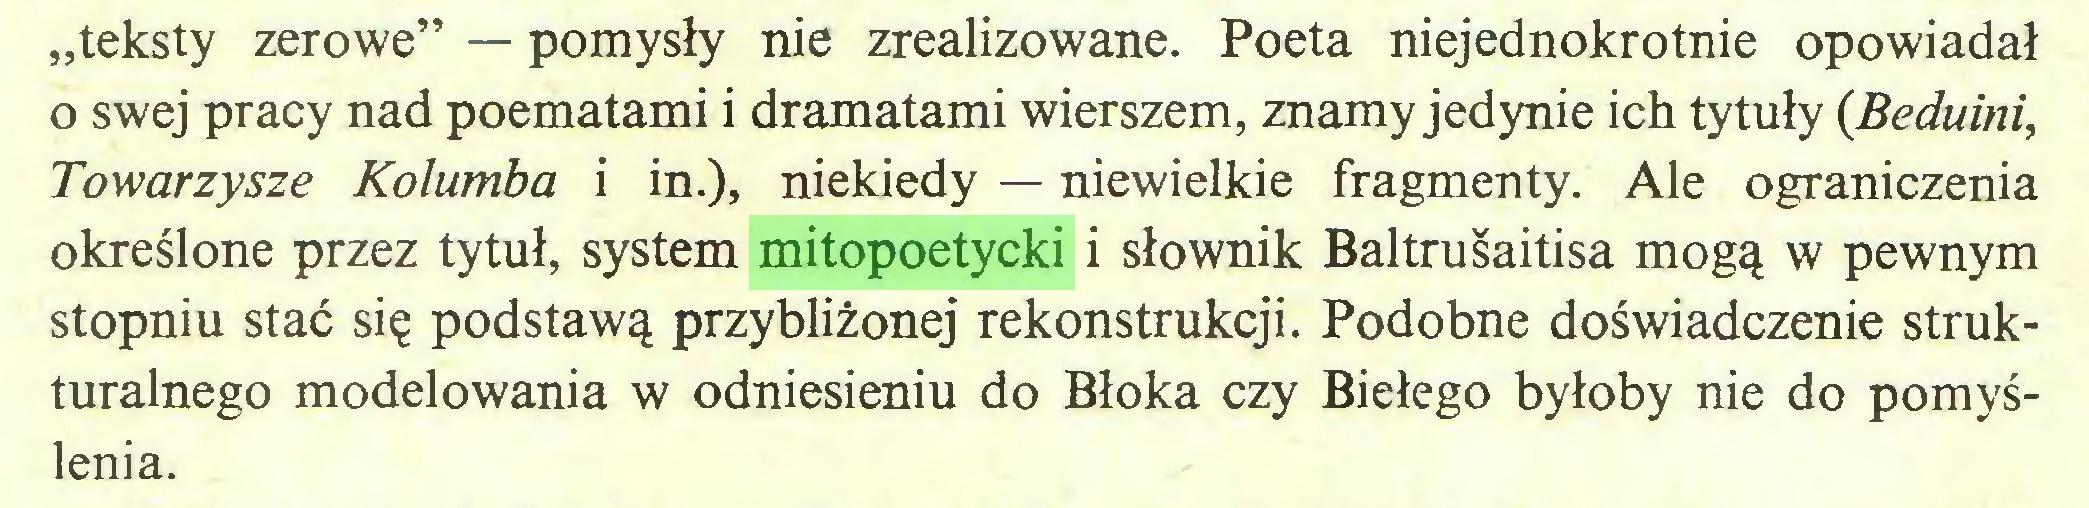 """(...) """"teksty zerowe"""" — pomysły nie zrealizowane. Poeta niejednokrotnie opowiadał o swej pracy nad poematami i dramatami wierszem, znamy jedynie ich tytuły (Beduini, Towarzysze Kolumba i in.), niekiedy — niewielkie fragmenty. Ale ograniczenia określone przez tytuł, system mitopoetycki i słownik Baltrusaitisa mogą w pewnym stopniu stać się podstawą przybliżonej rekonstrukcji. Podobne doświadczenie strukturalnego modelowania w odniesieniu do Błoka czy Biełego byłoby nie do pomyślenia..."""